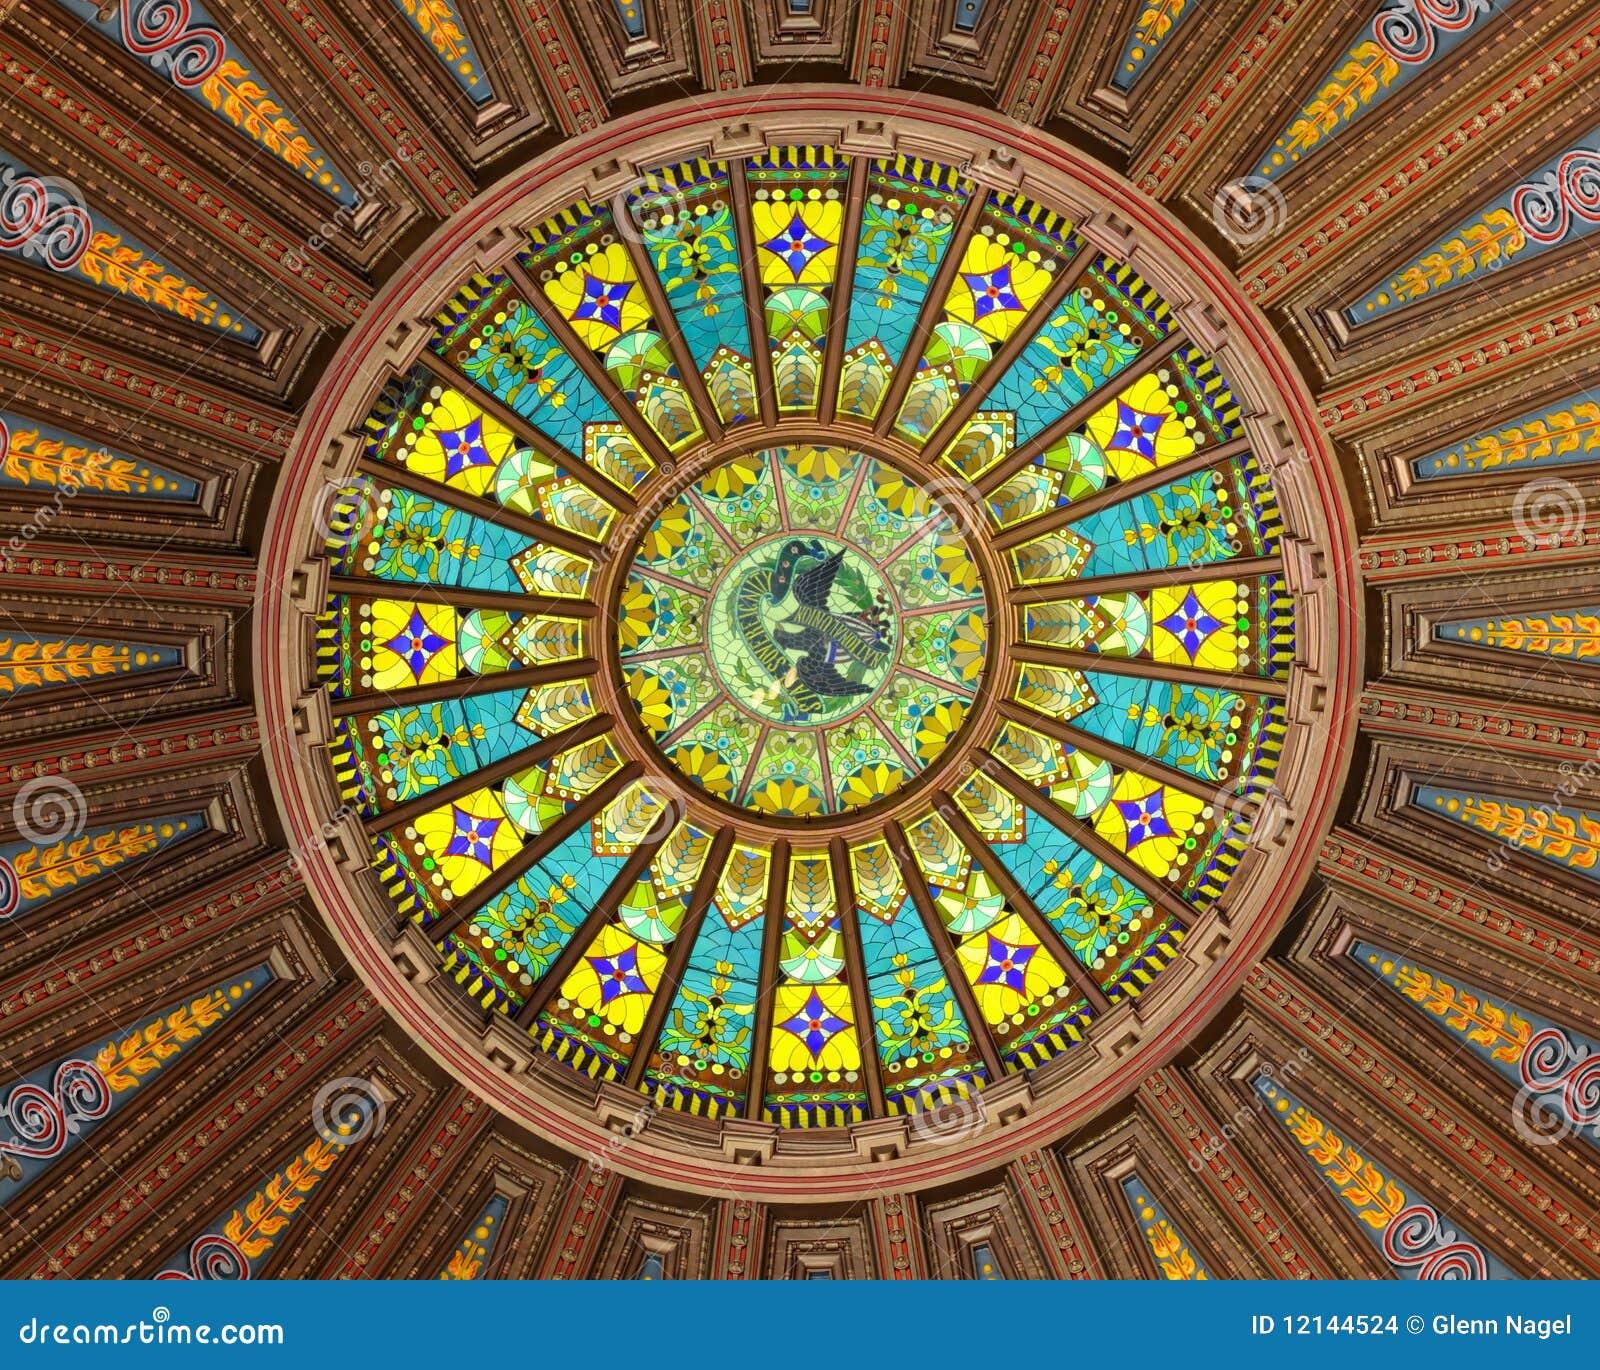 Inner dome design